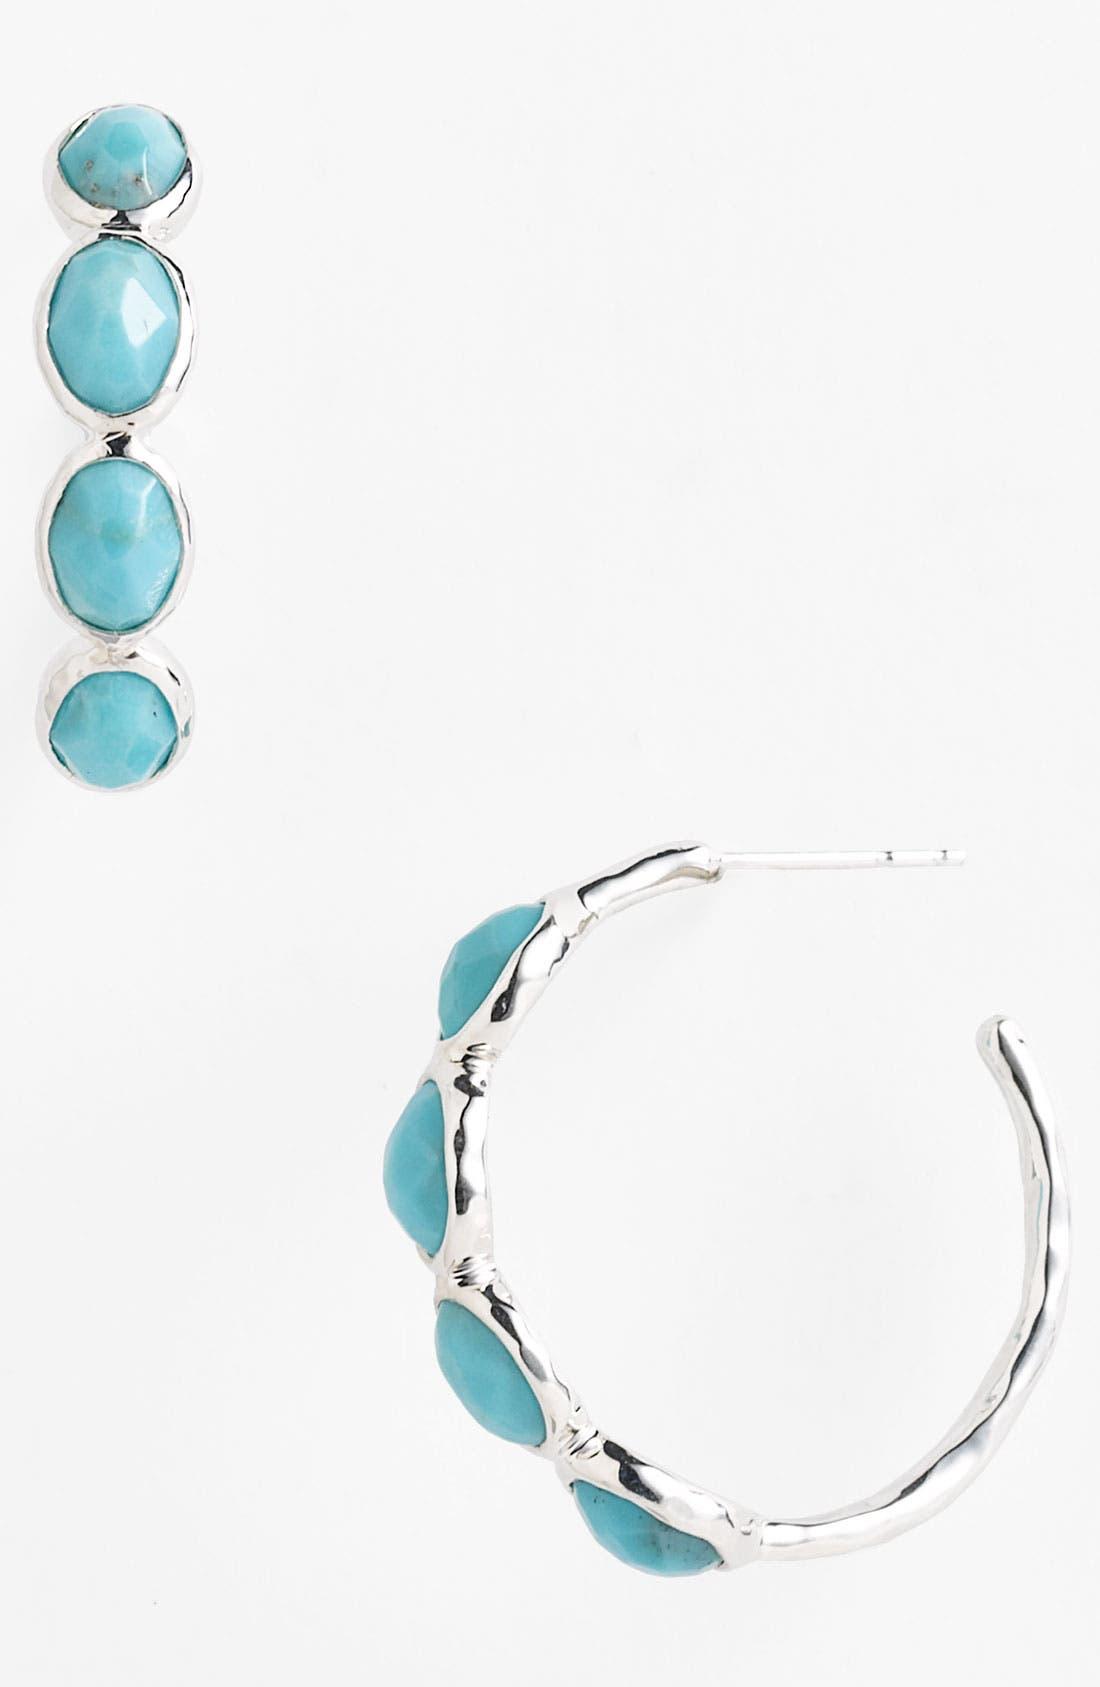 Alternate Image 1 Selected - Ippolita 'Rock Candy - Number 2' 4 Stone Hoop Earrings